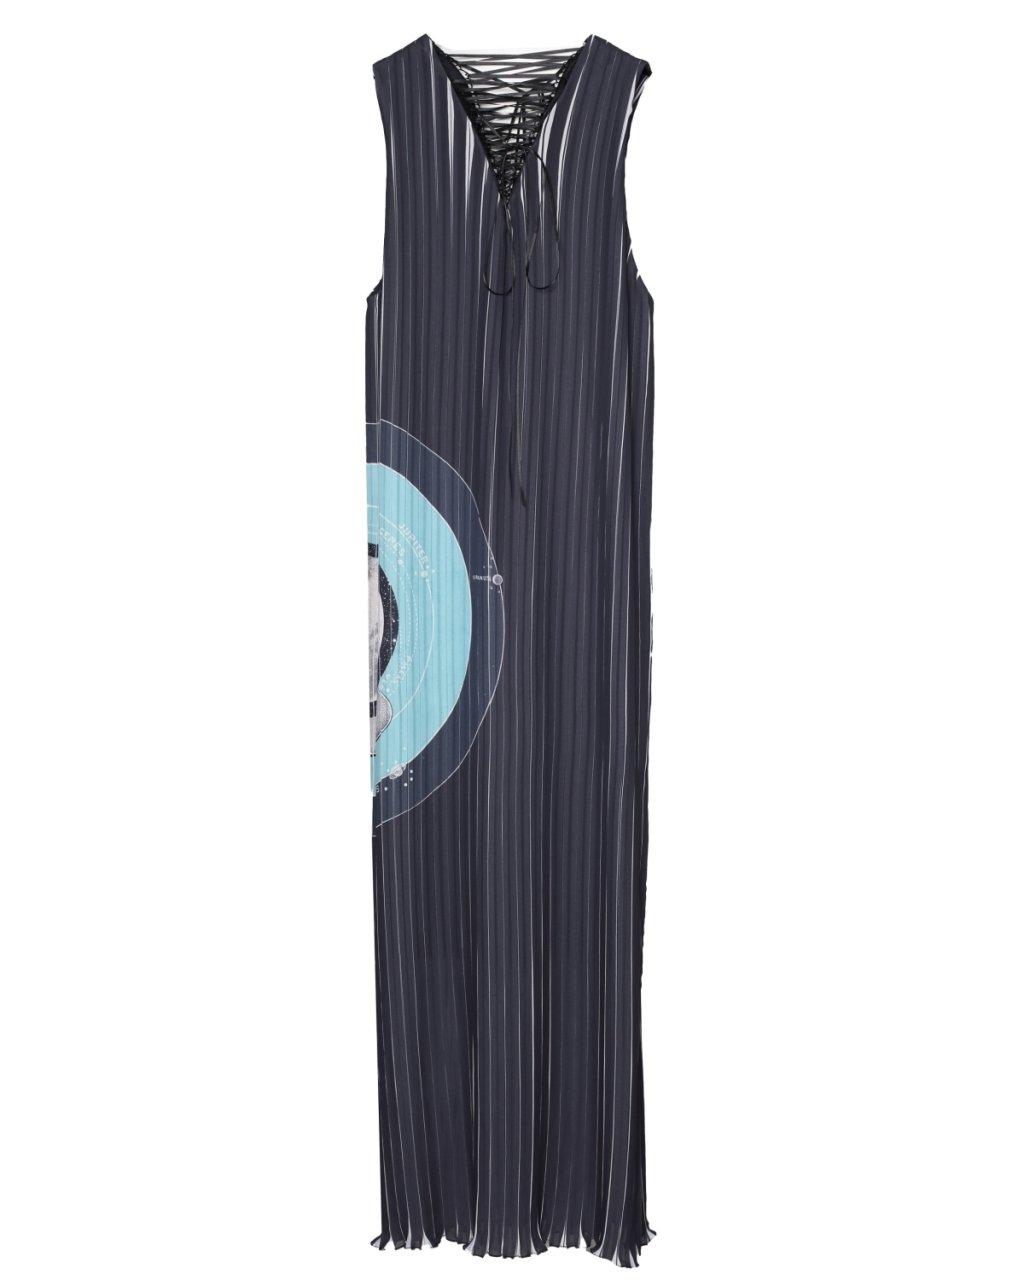 プリーツレースアップドレス ブラック[ご予約・2022年1月お届け]